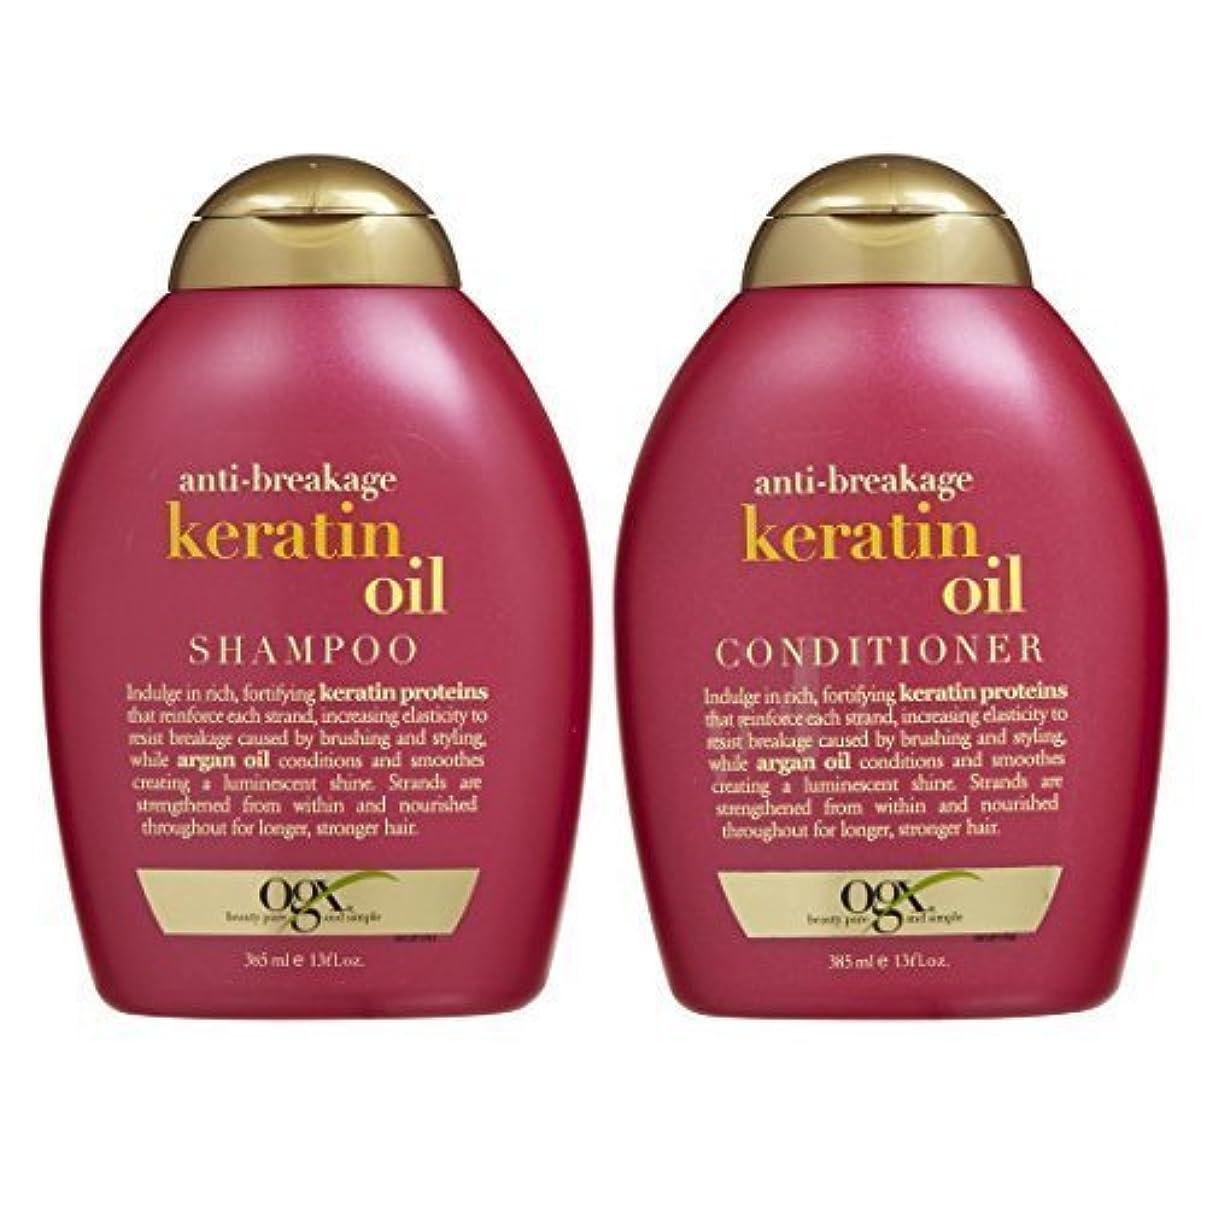 抱擁アレルギー性報奨金OGX Anti-breakage Keratin Oil Shampoo & Conditioner (13 Ounces) [並行輸入品]